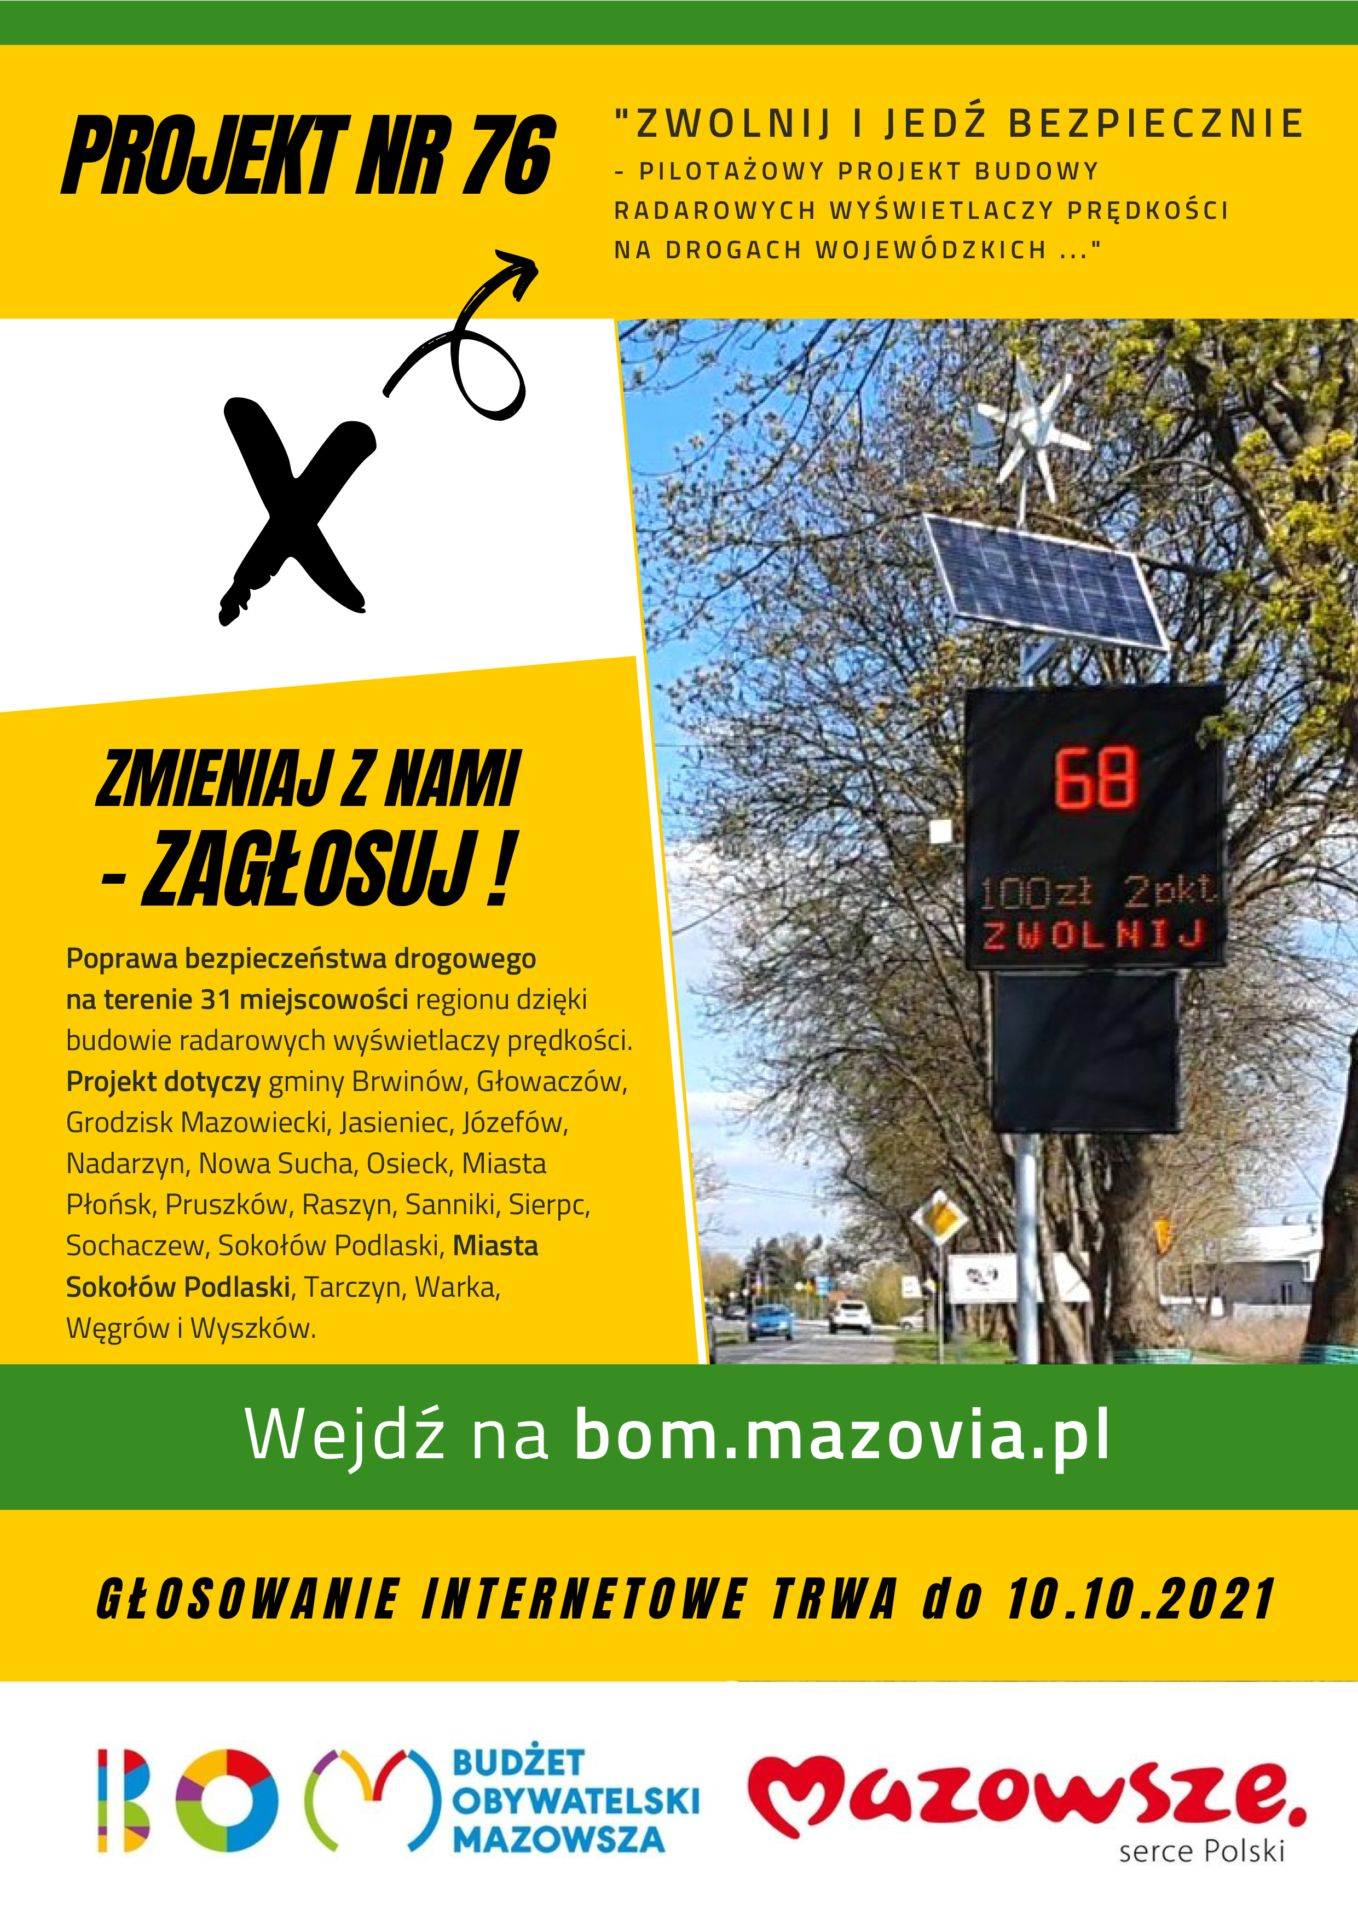 foto:  - Sokolow Podlaski miasto BOM Zwolnij i jedz Bezpieczniej plakat A4